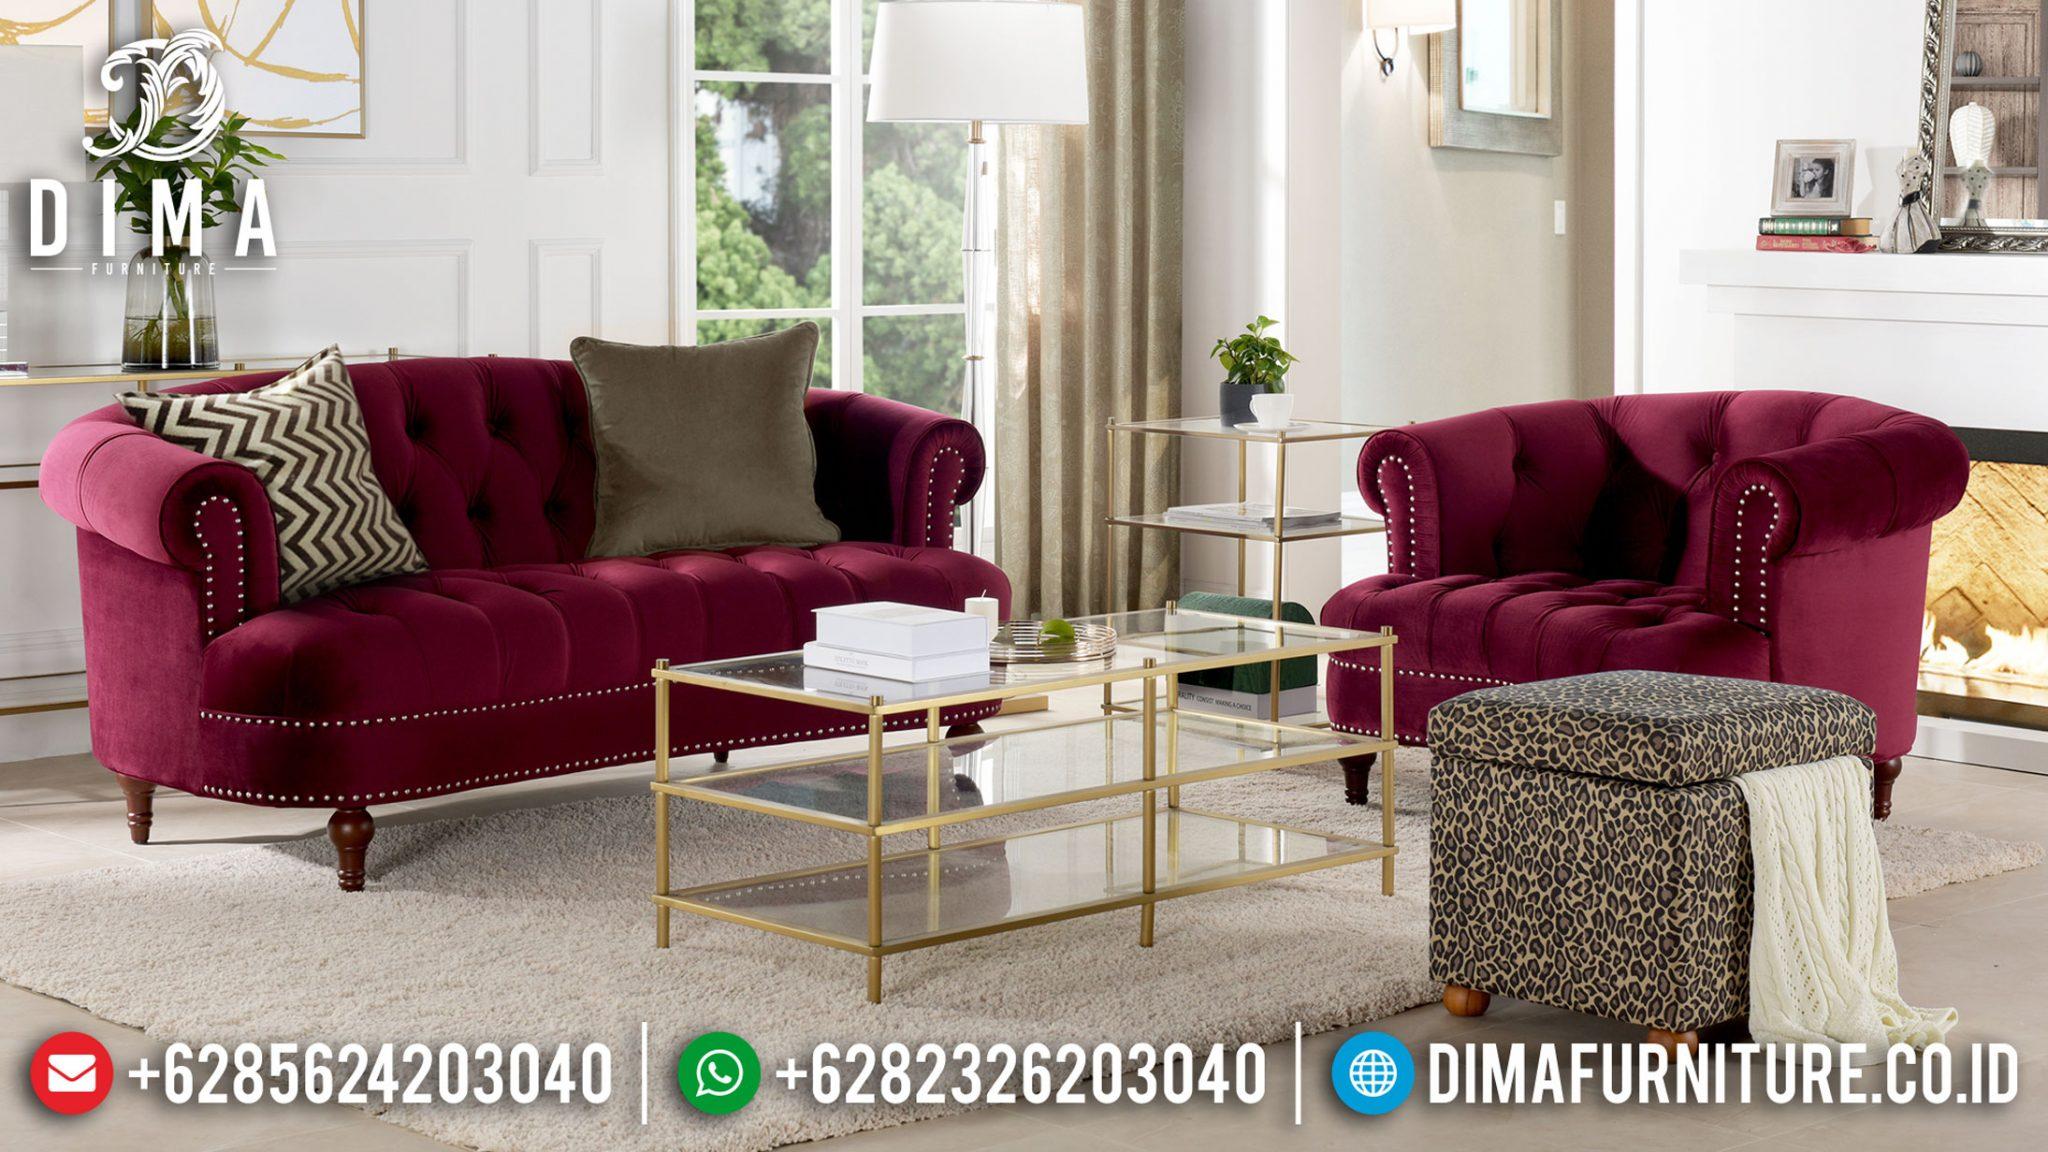 Sofa Tamu Modern Minimalis Elegant Design Mebel Jepara Murah Meriah TTJ-1222